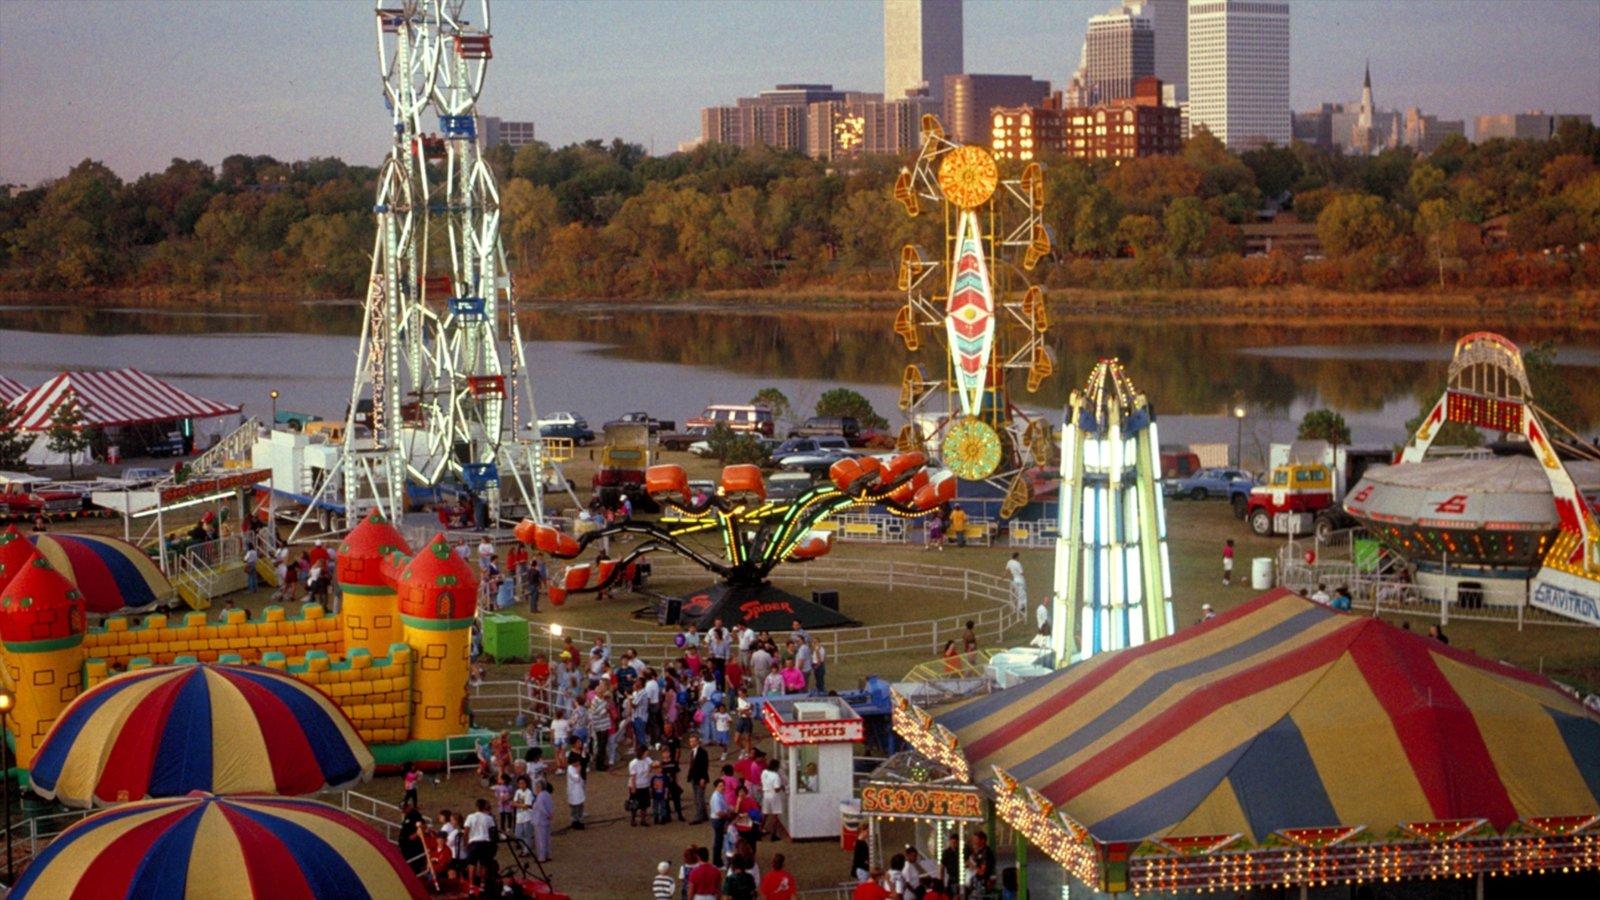 Tulsa que incluye una ciudad, paseos y un edificio de gran altura